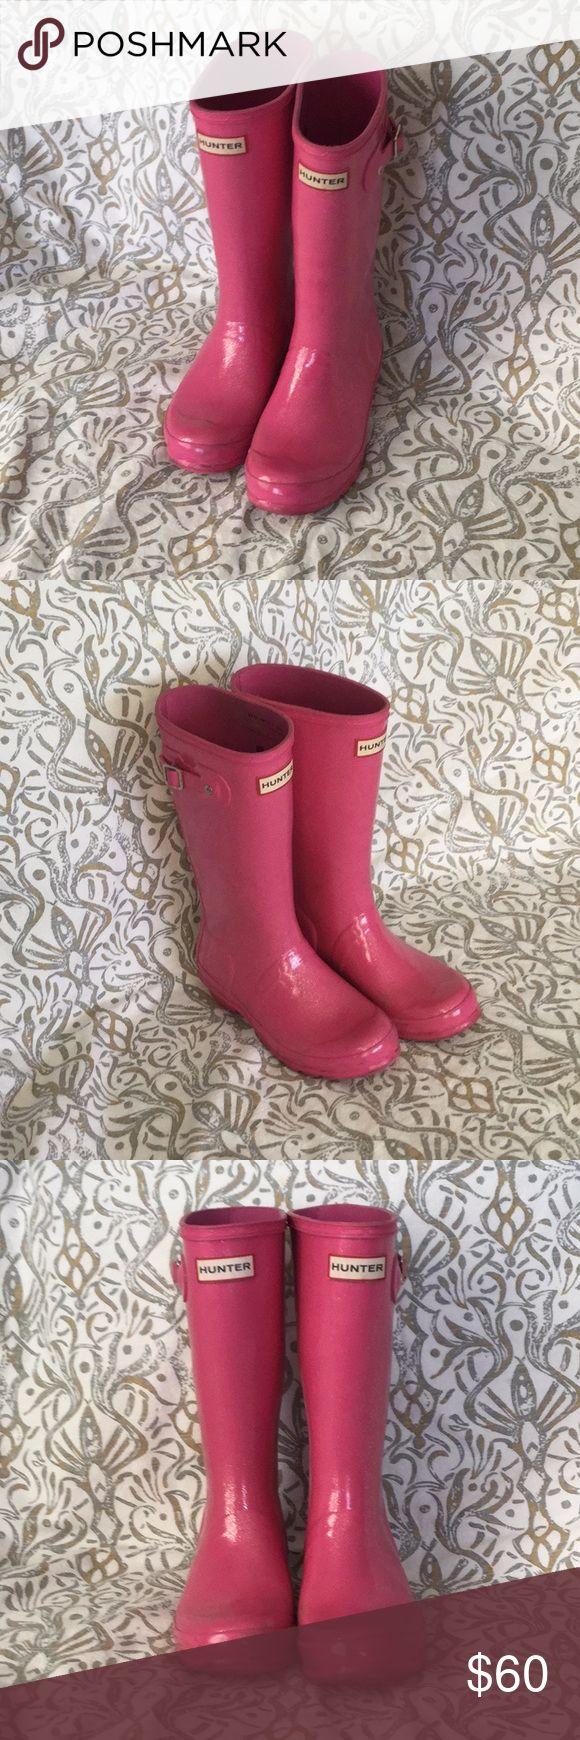 Girls Hunter Boots Pink Glitter Gorgeous Girl pink Glitter Hunter Boots Hunter Shoes Boots